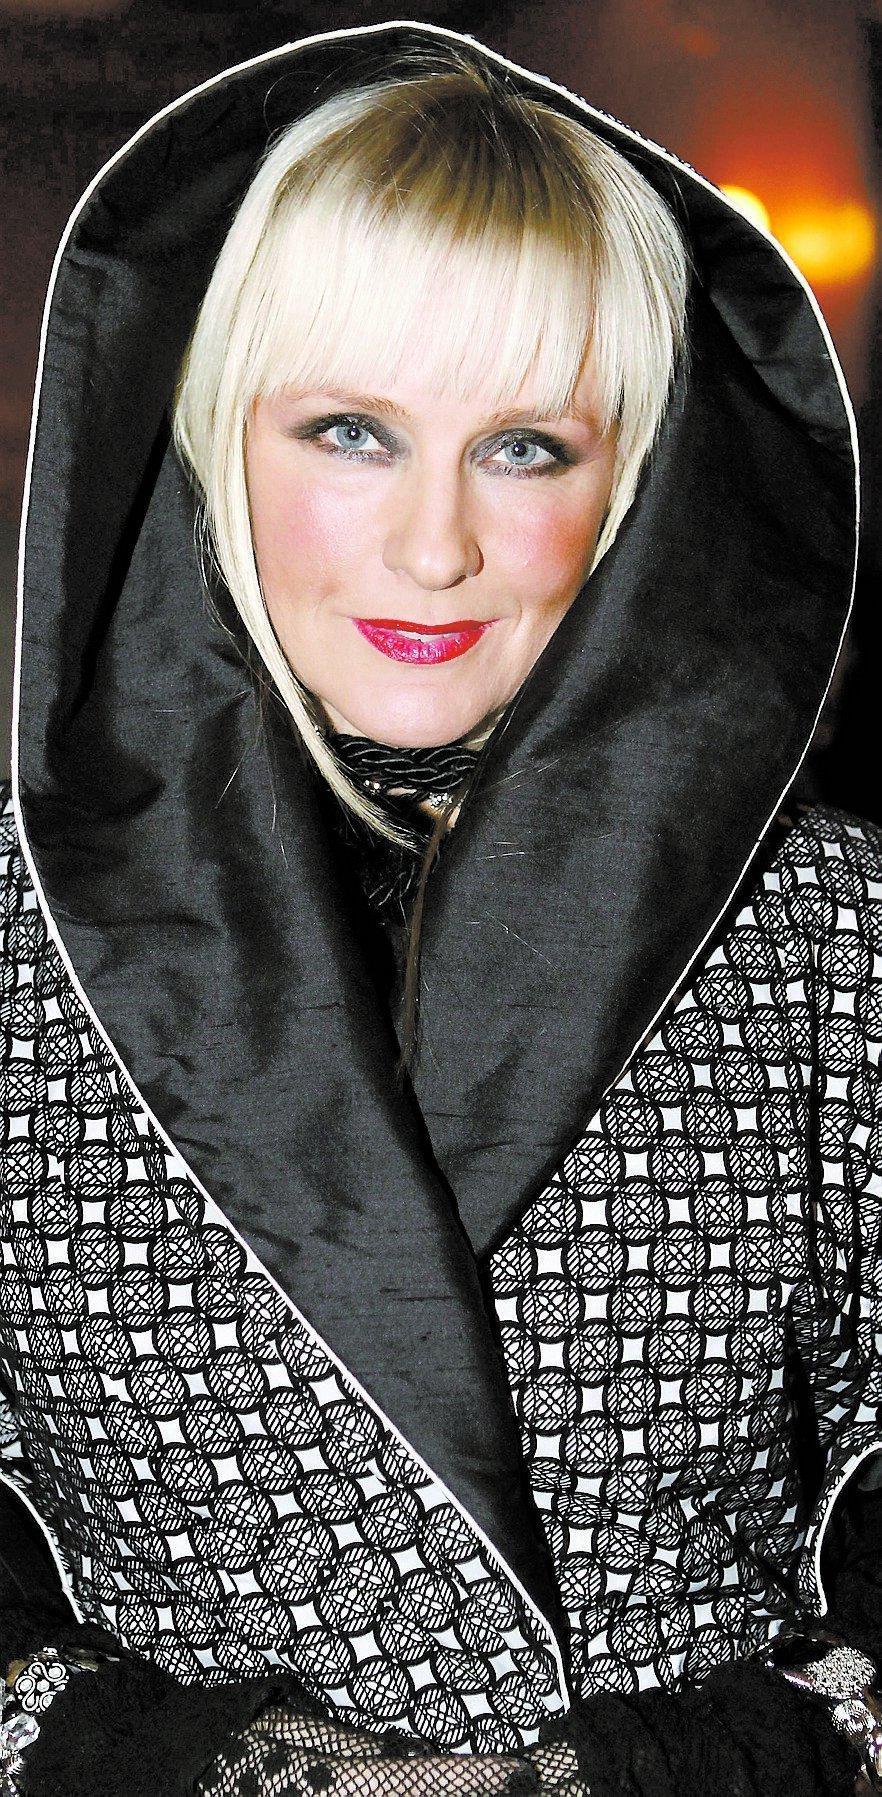 UT I KYLAN Regina Lund finns kvar – men hennes namnsdag försvinner. I stället kommer Kevin in och tar hennes plats i almanackan den 7 september.